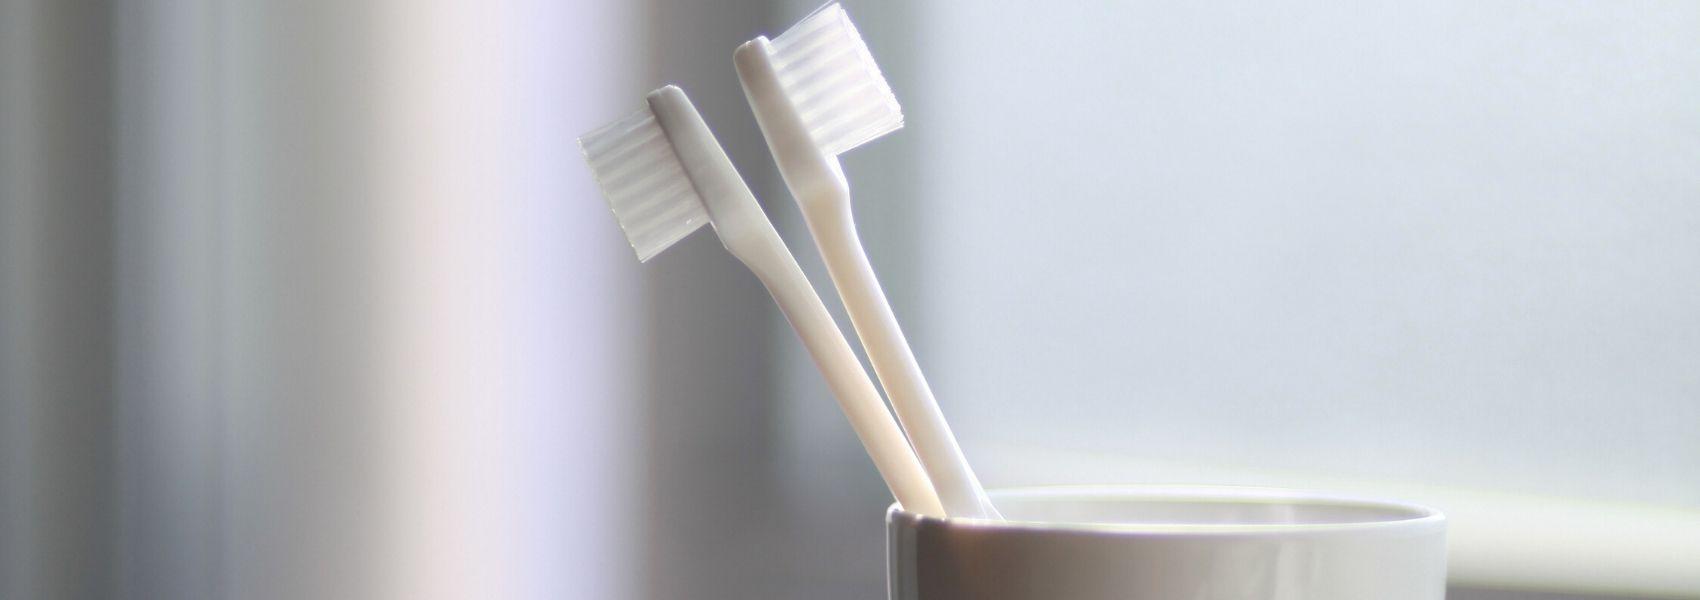 Especialistas aconselham: escove os dentes para proteger o coração